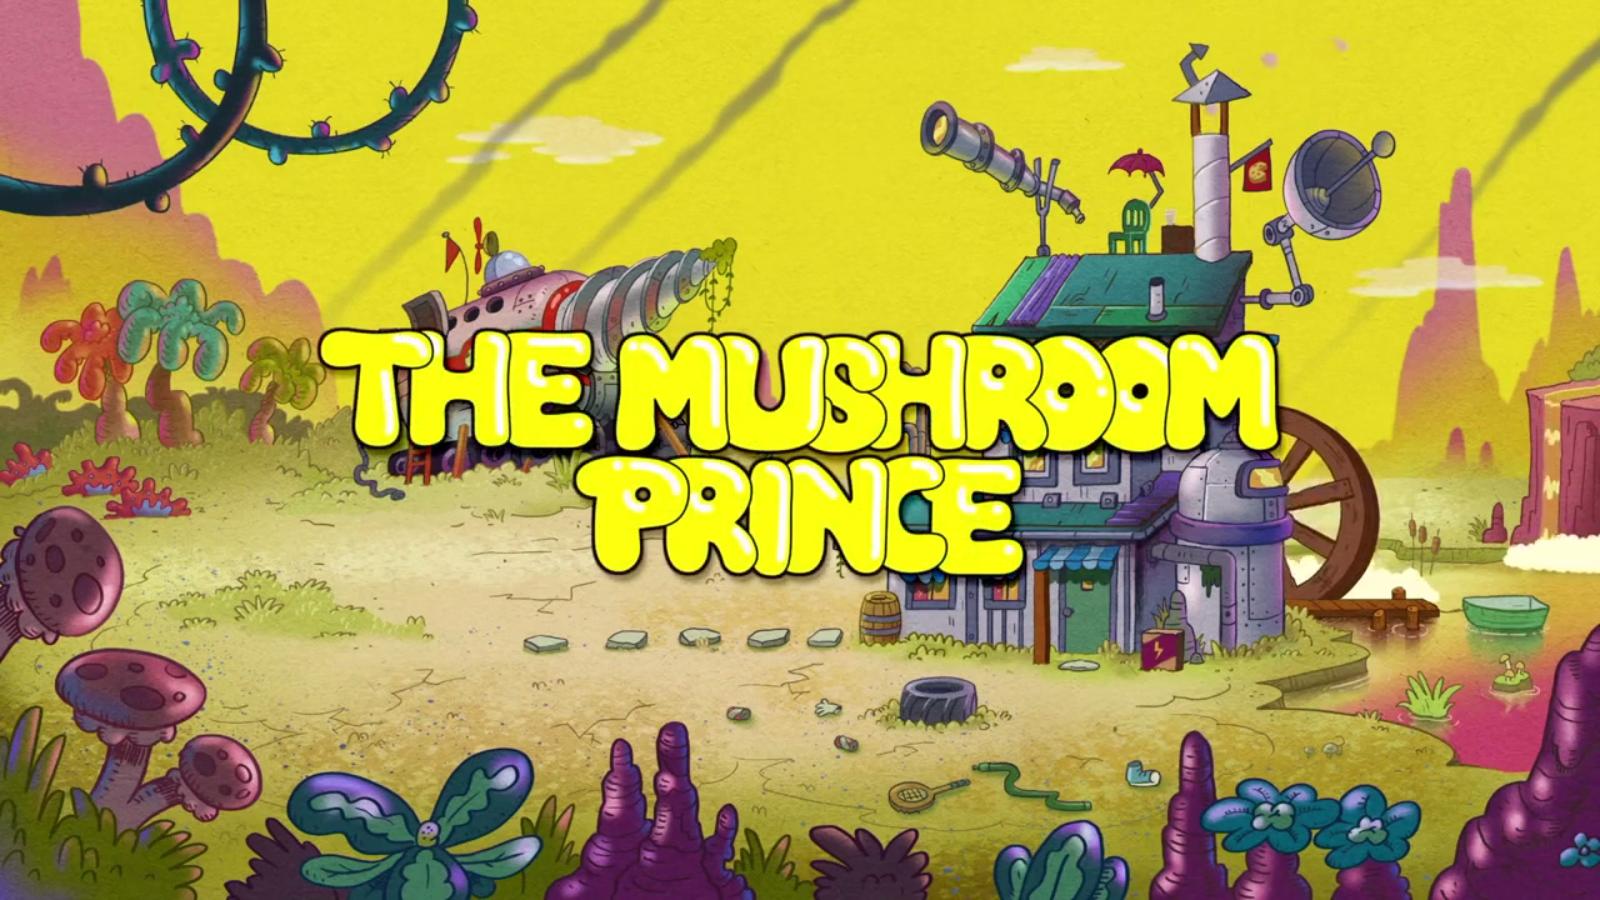 The Mushroom Prince | Disney Wiki | FANDOM powered by Wikia